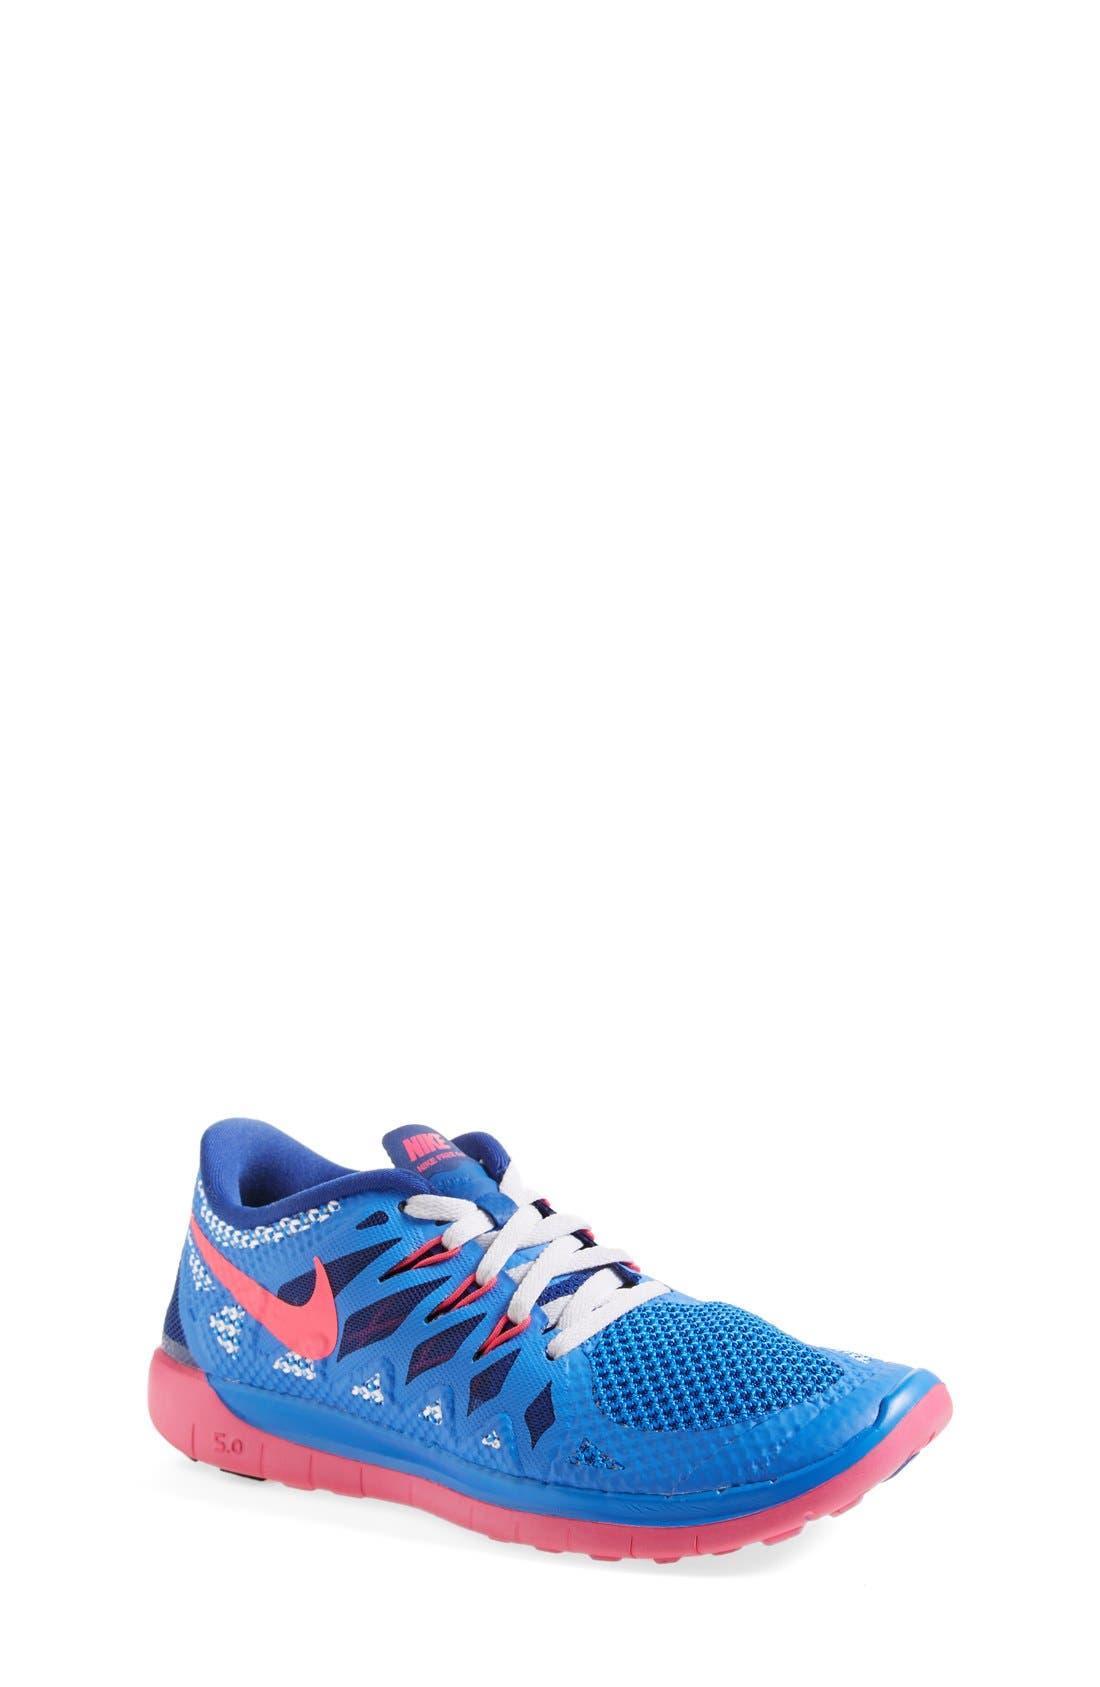 Alternate Image 1 Selected - Nike 'Free 5.0' Running Shoe (Big Kid)